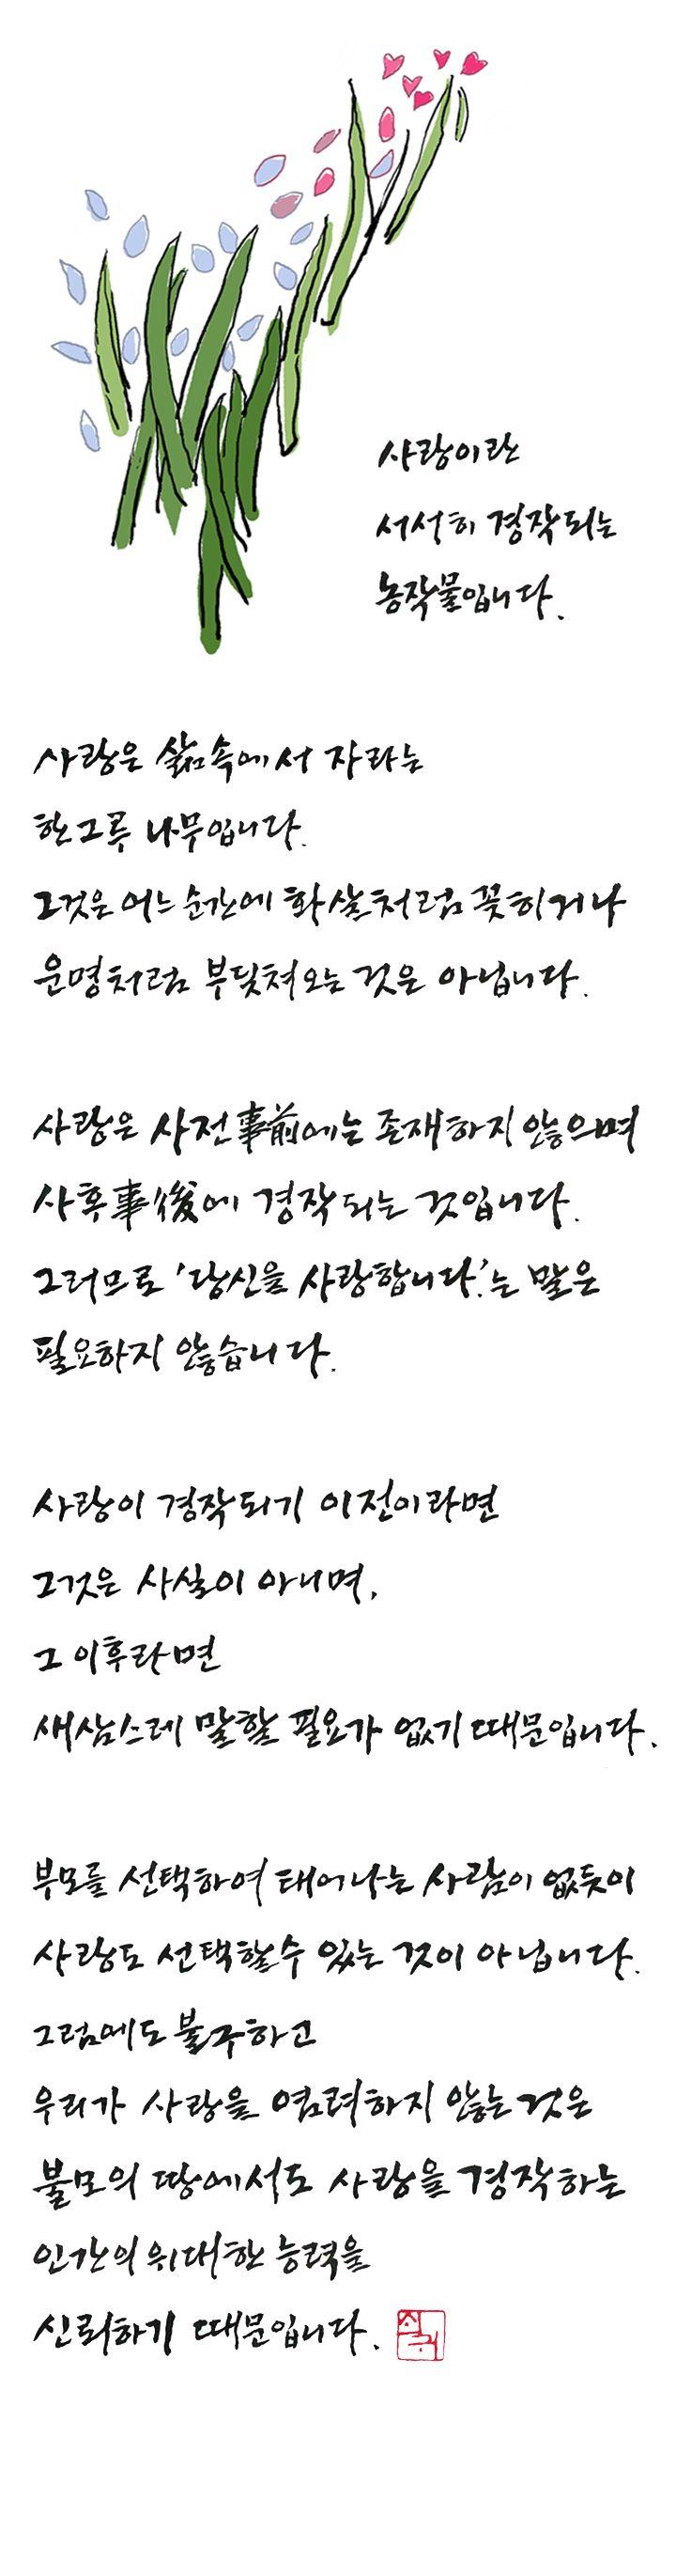 03.사랑경작_02_서화(라인,낙관수정).jpg